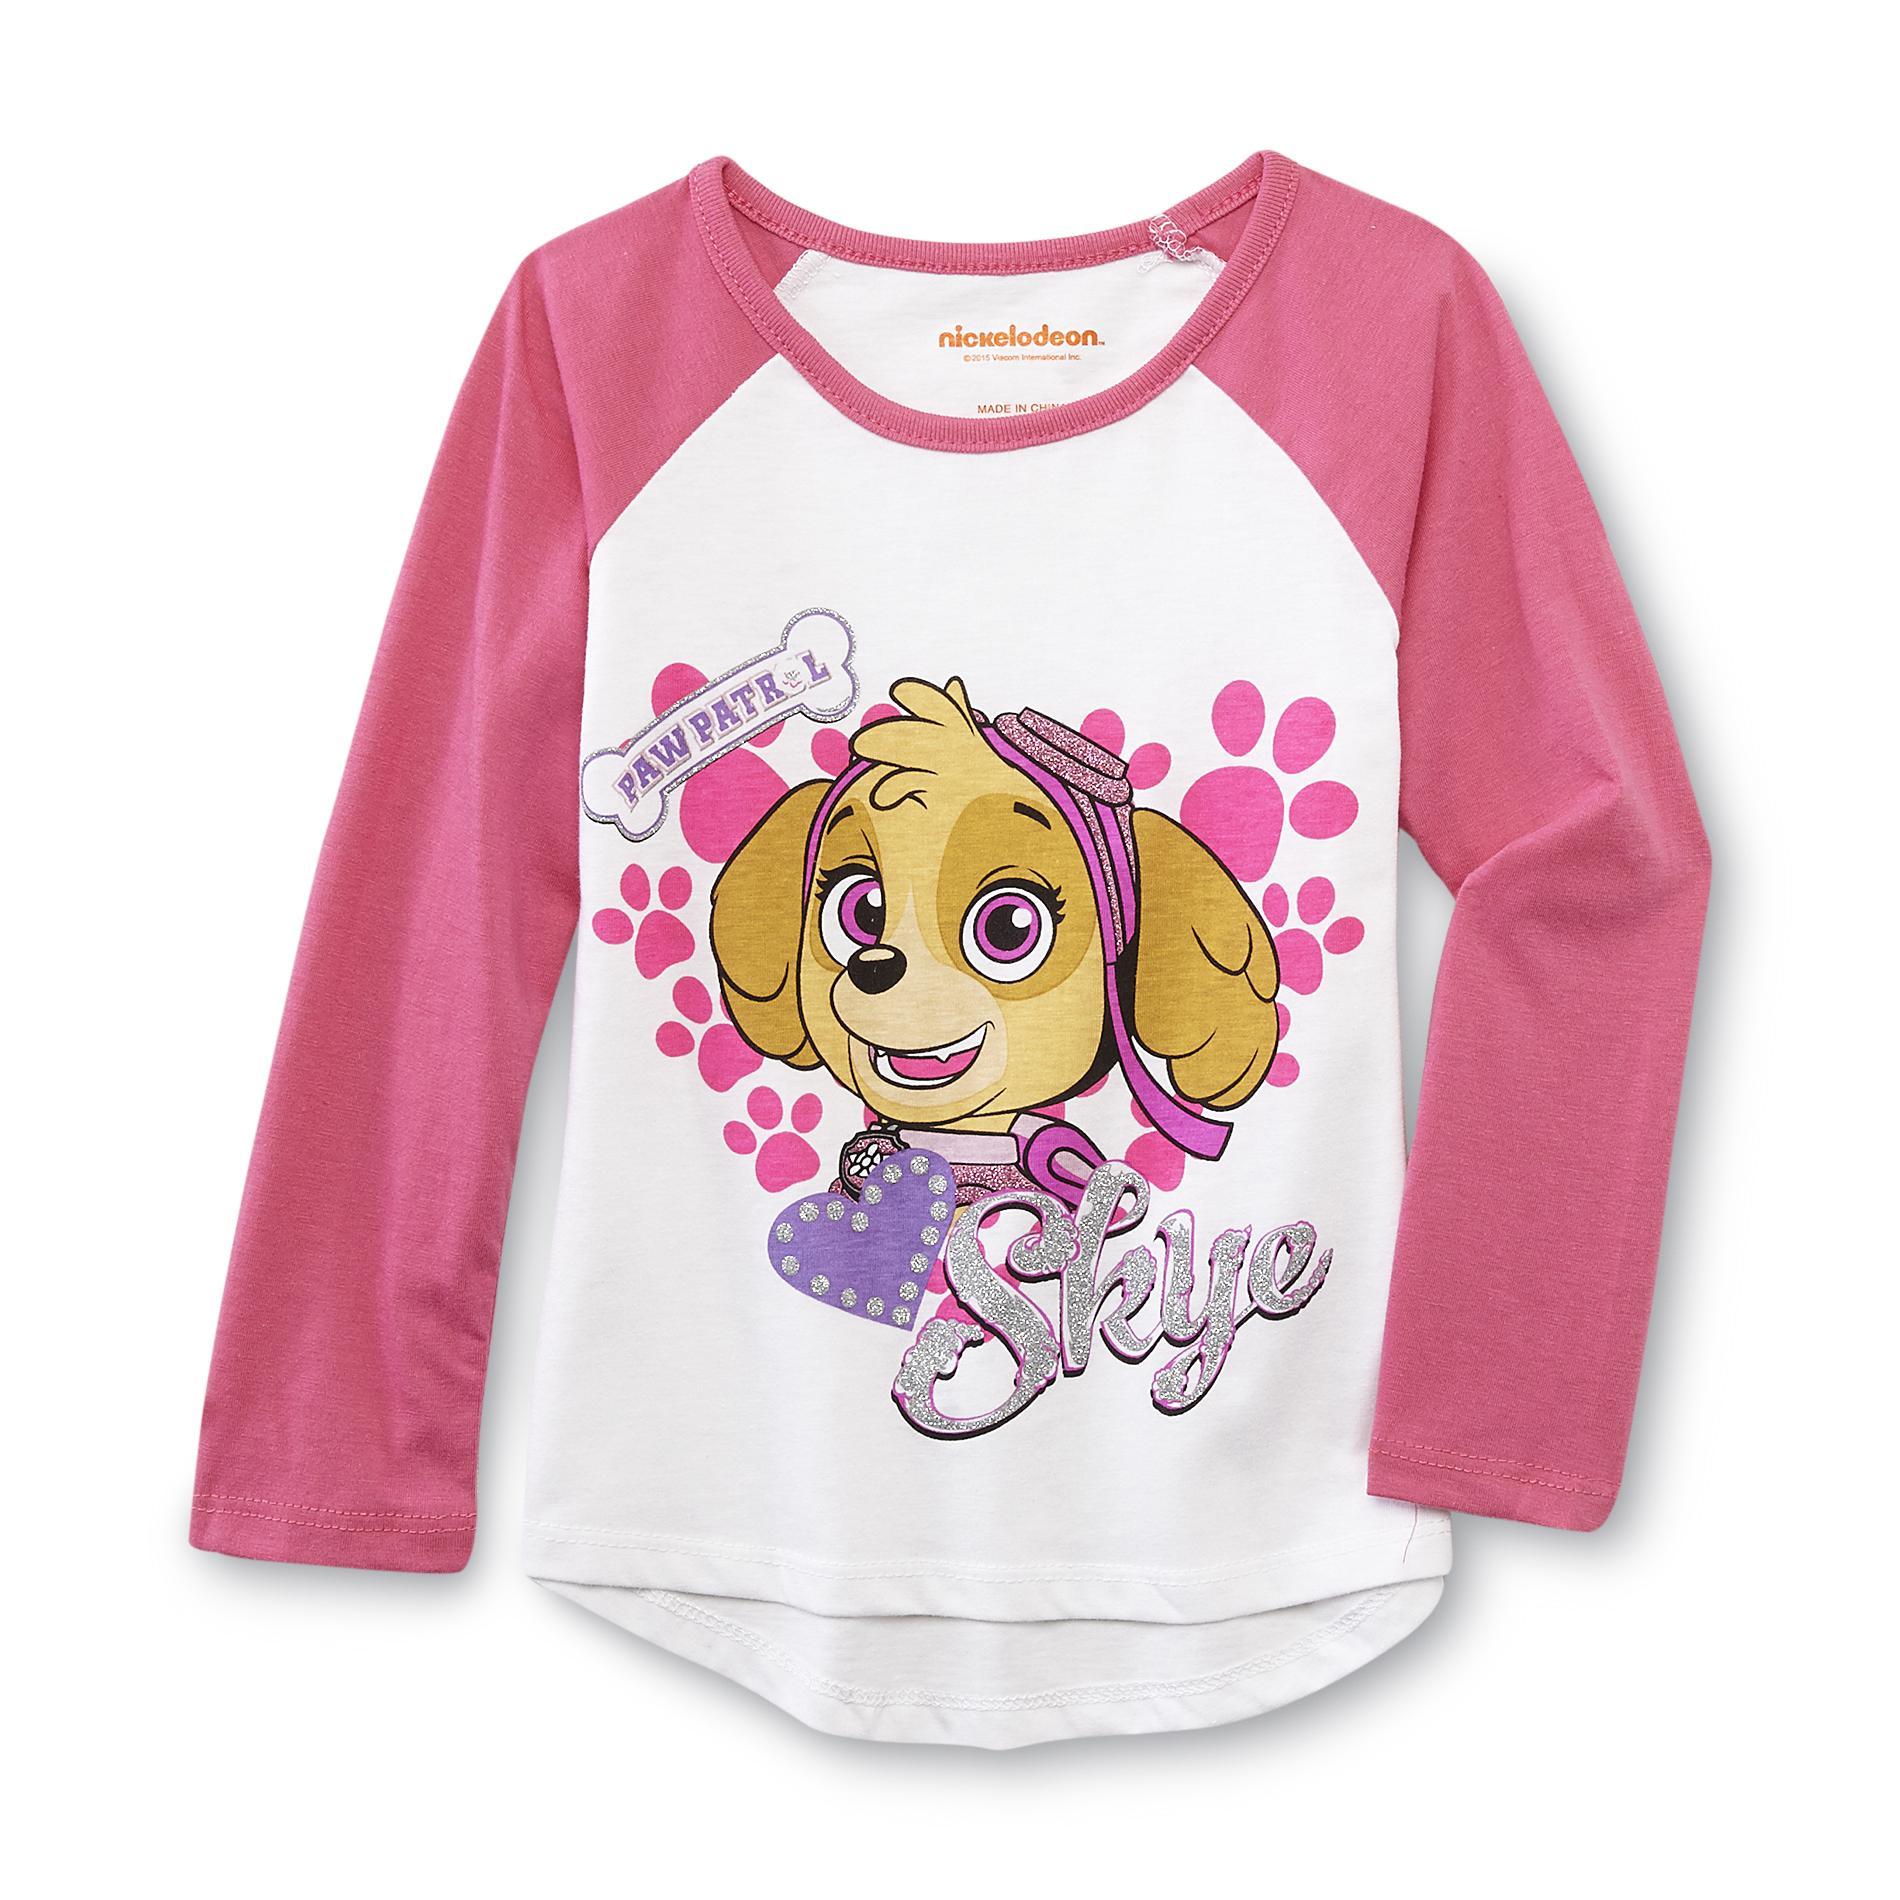 Nickelodeon PAW Patrol Toddler Girl's Raglan T-Shirt - Skye